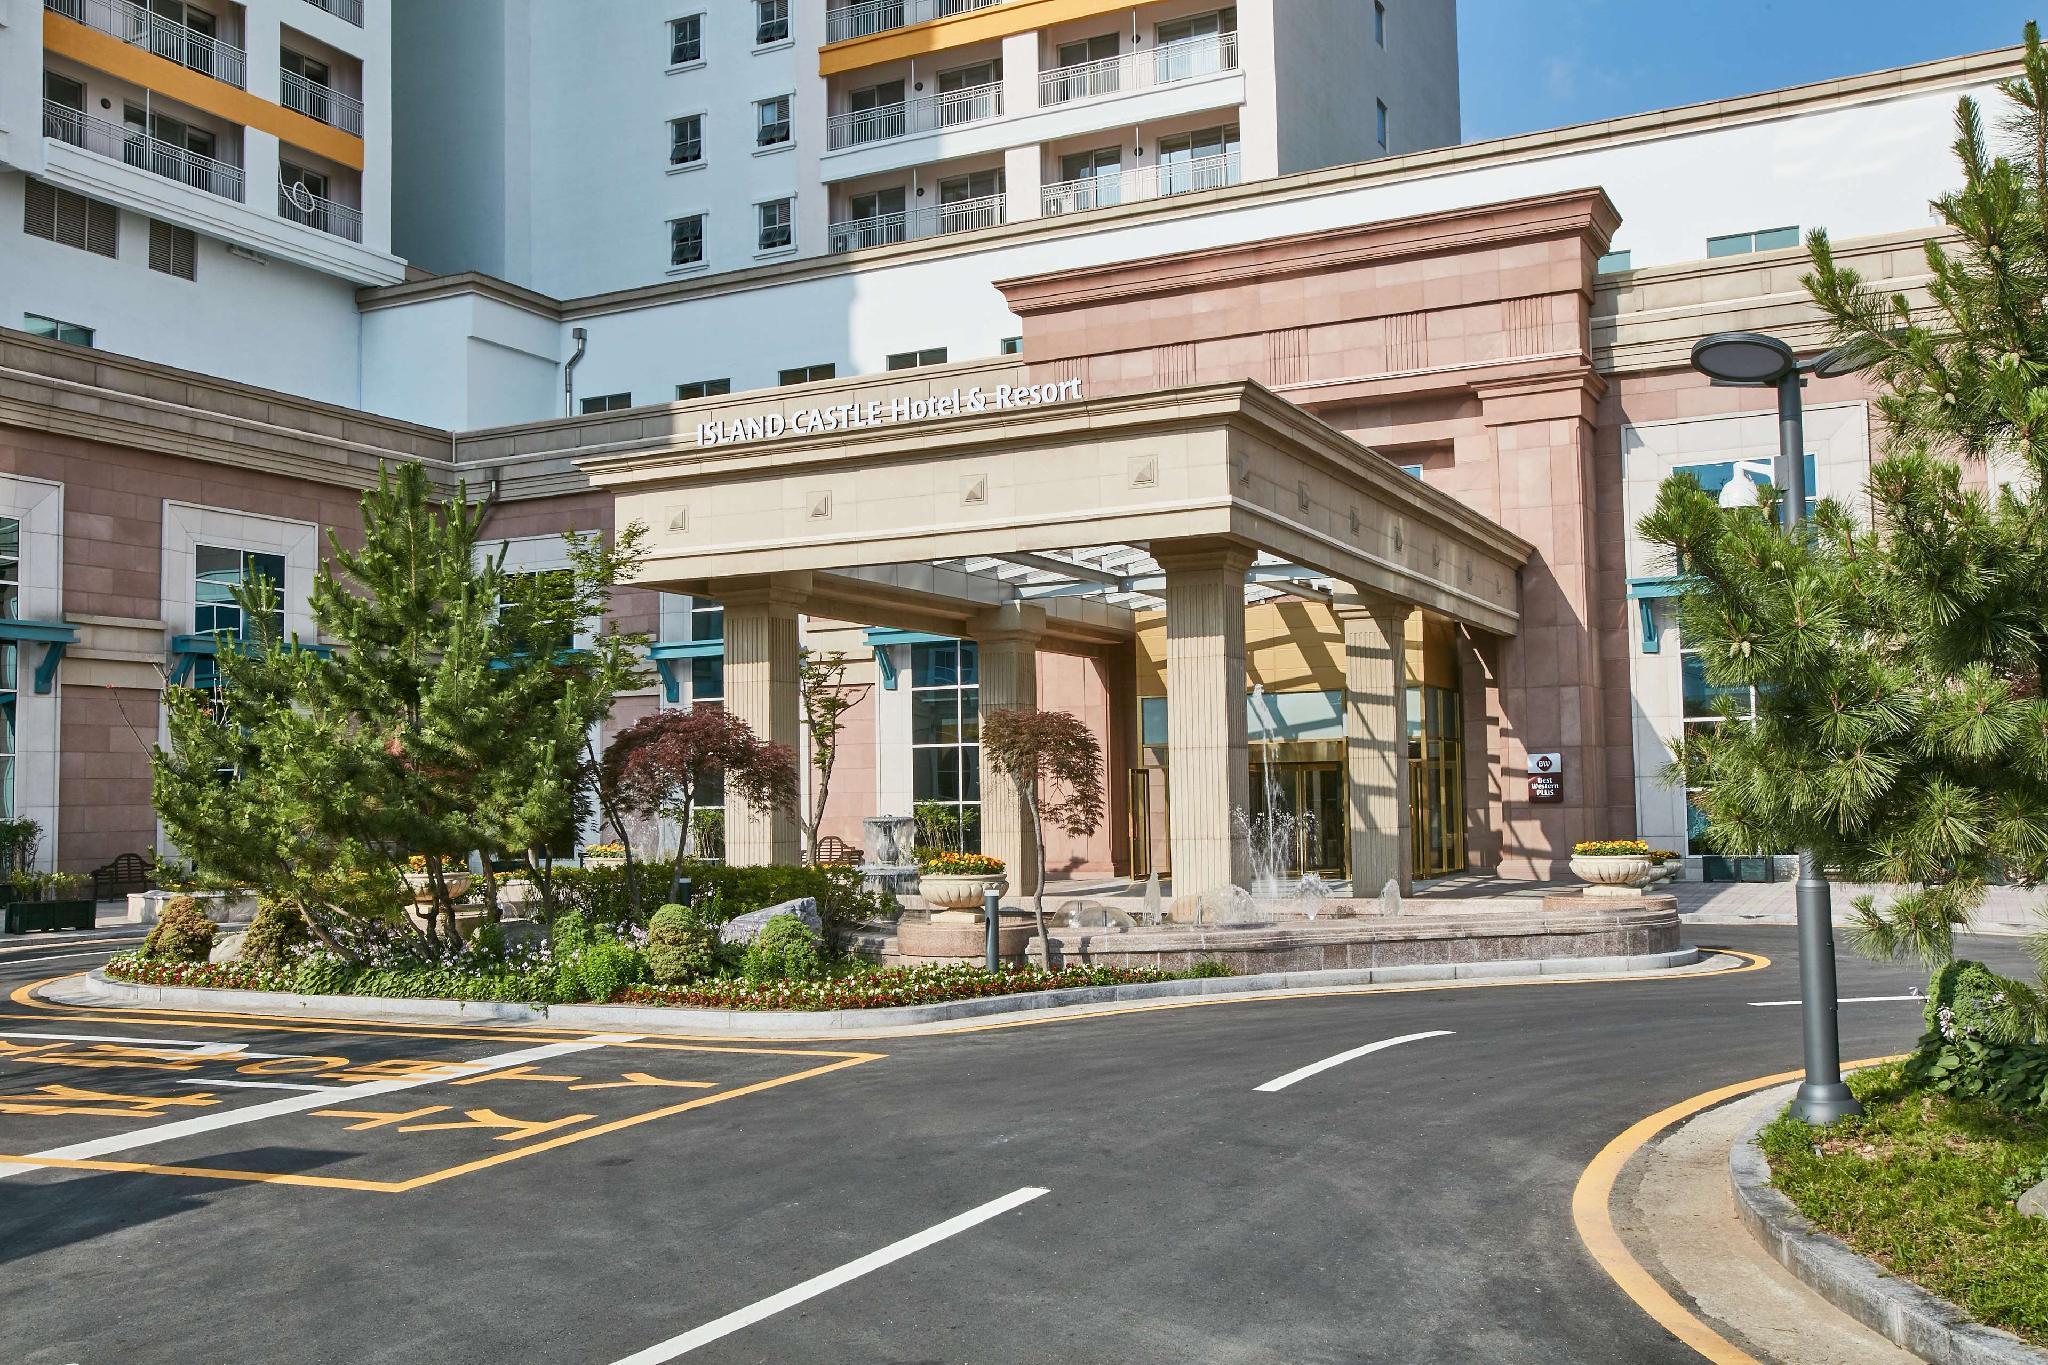 Best Western Plus Island Castle Hotel